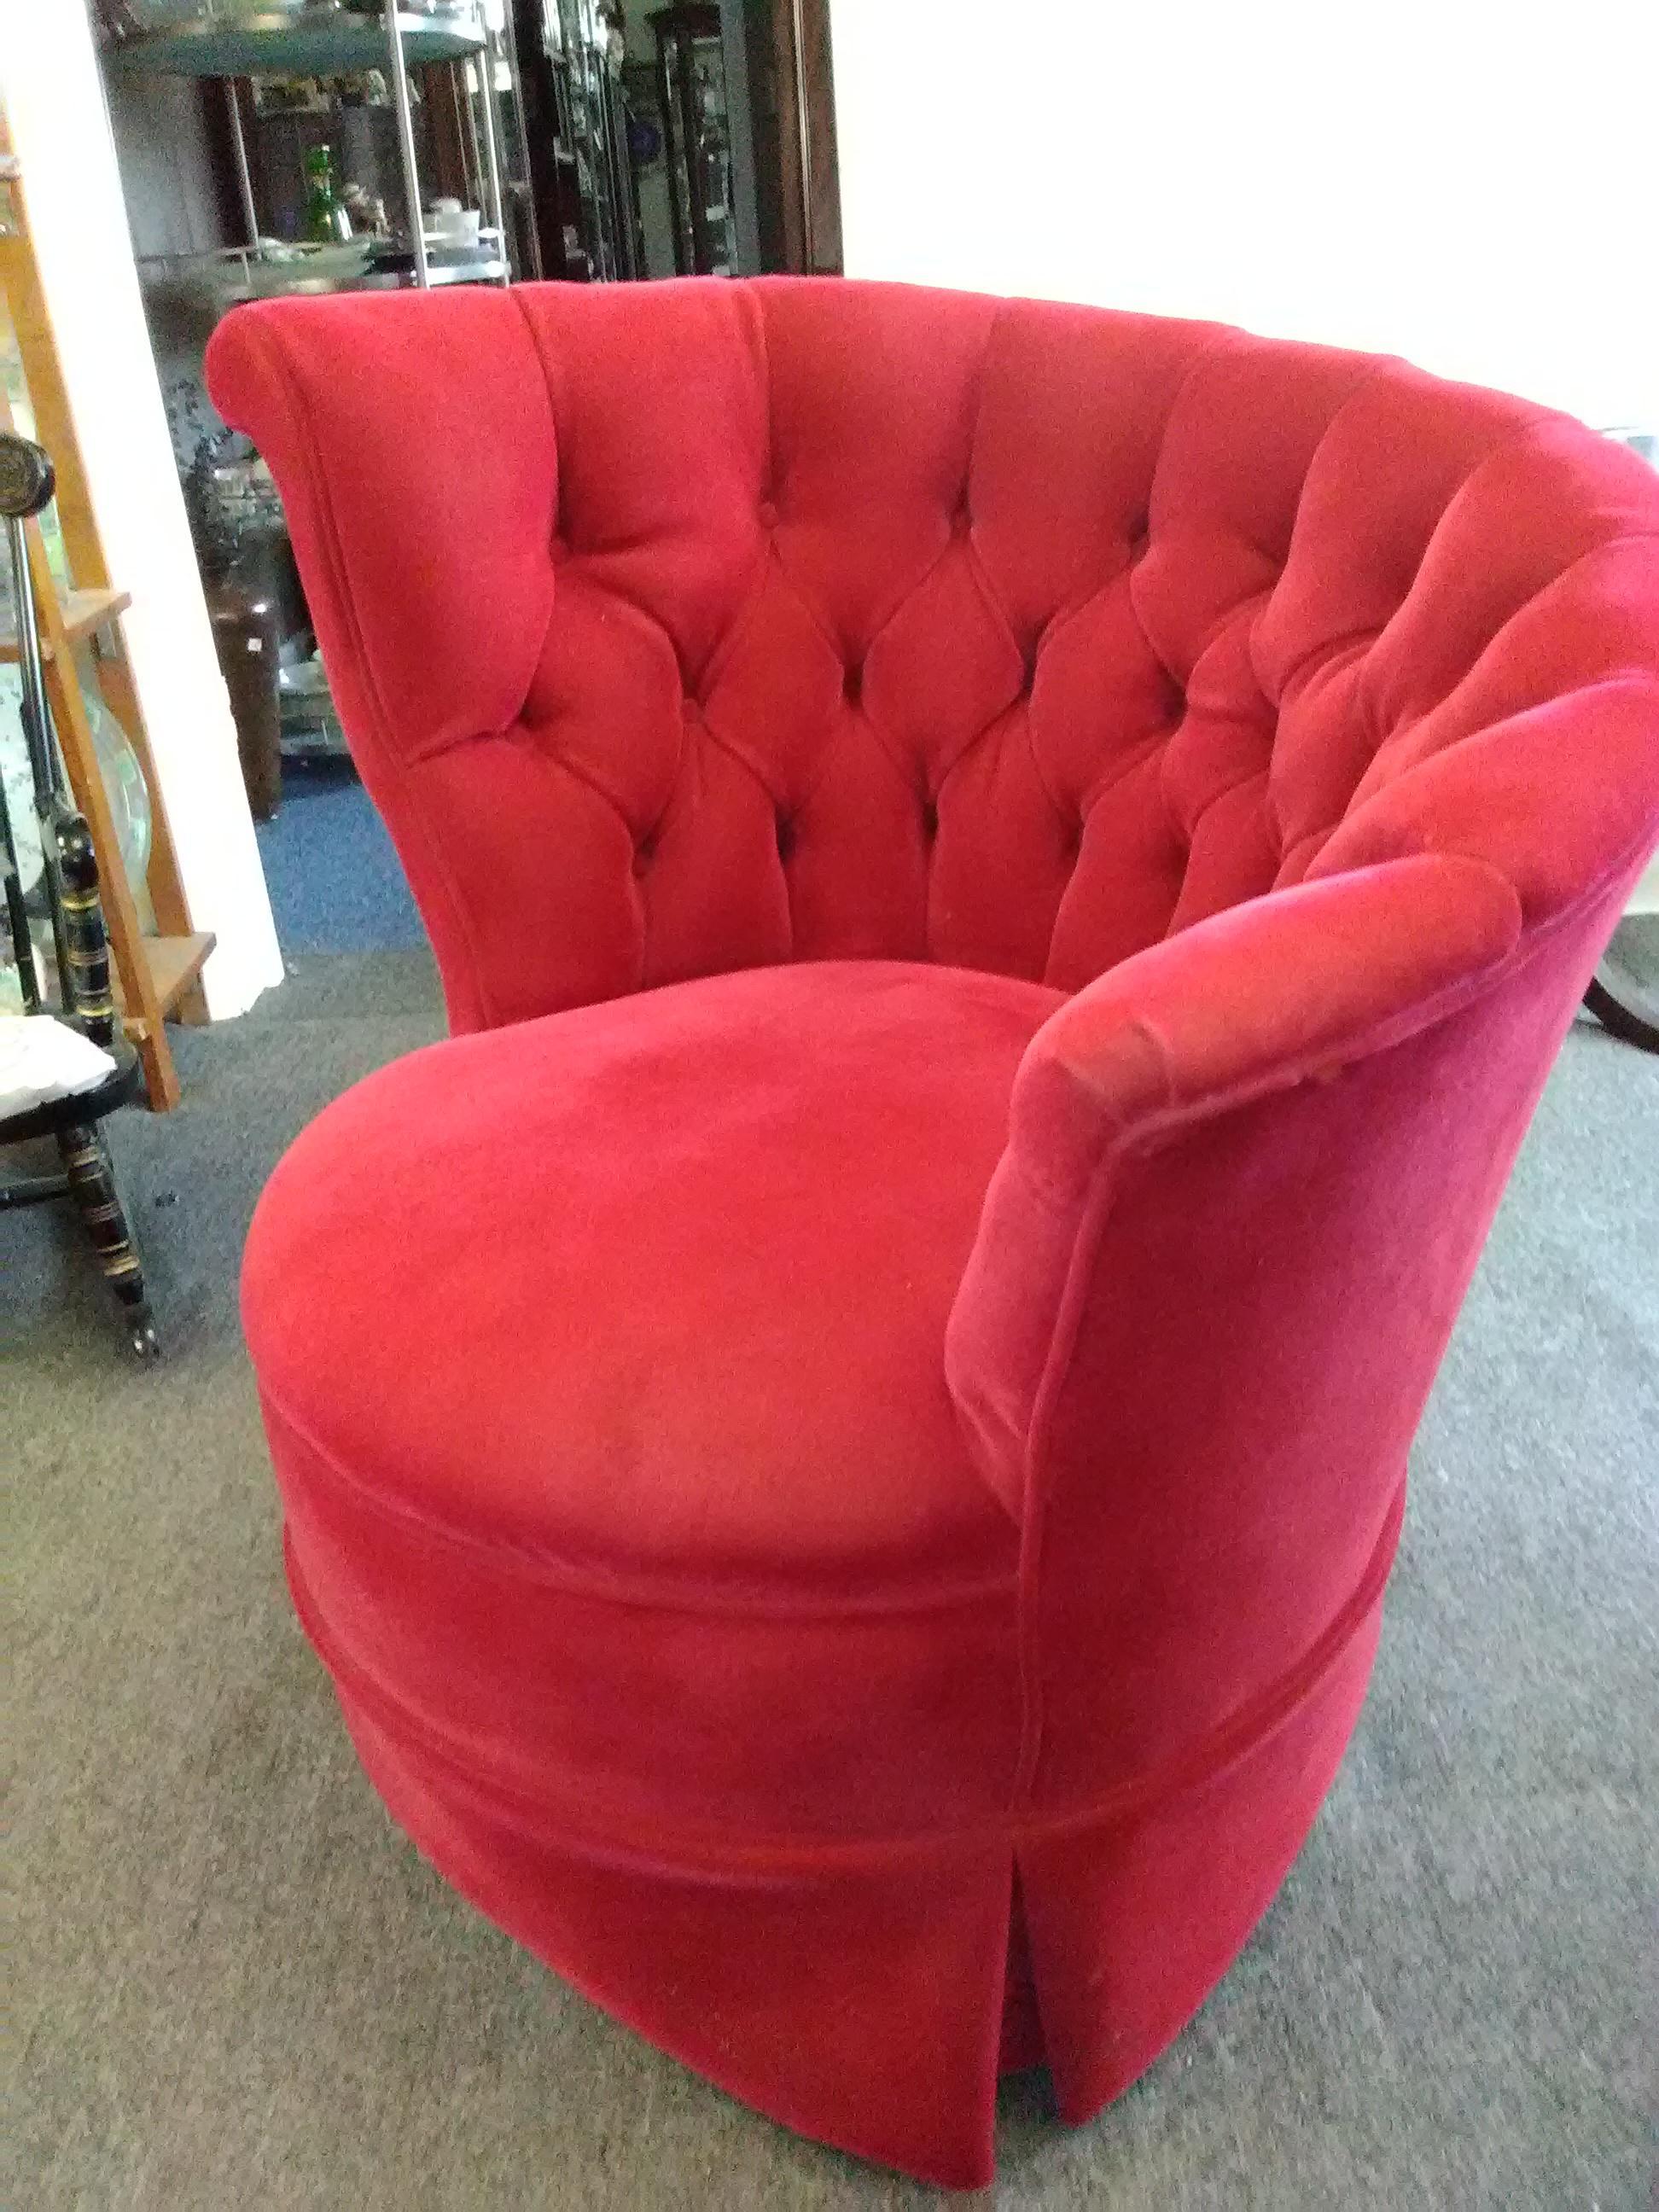 1940's asymetrical shell back tufted red velvet barrel chair